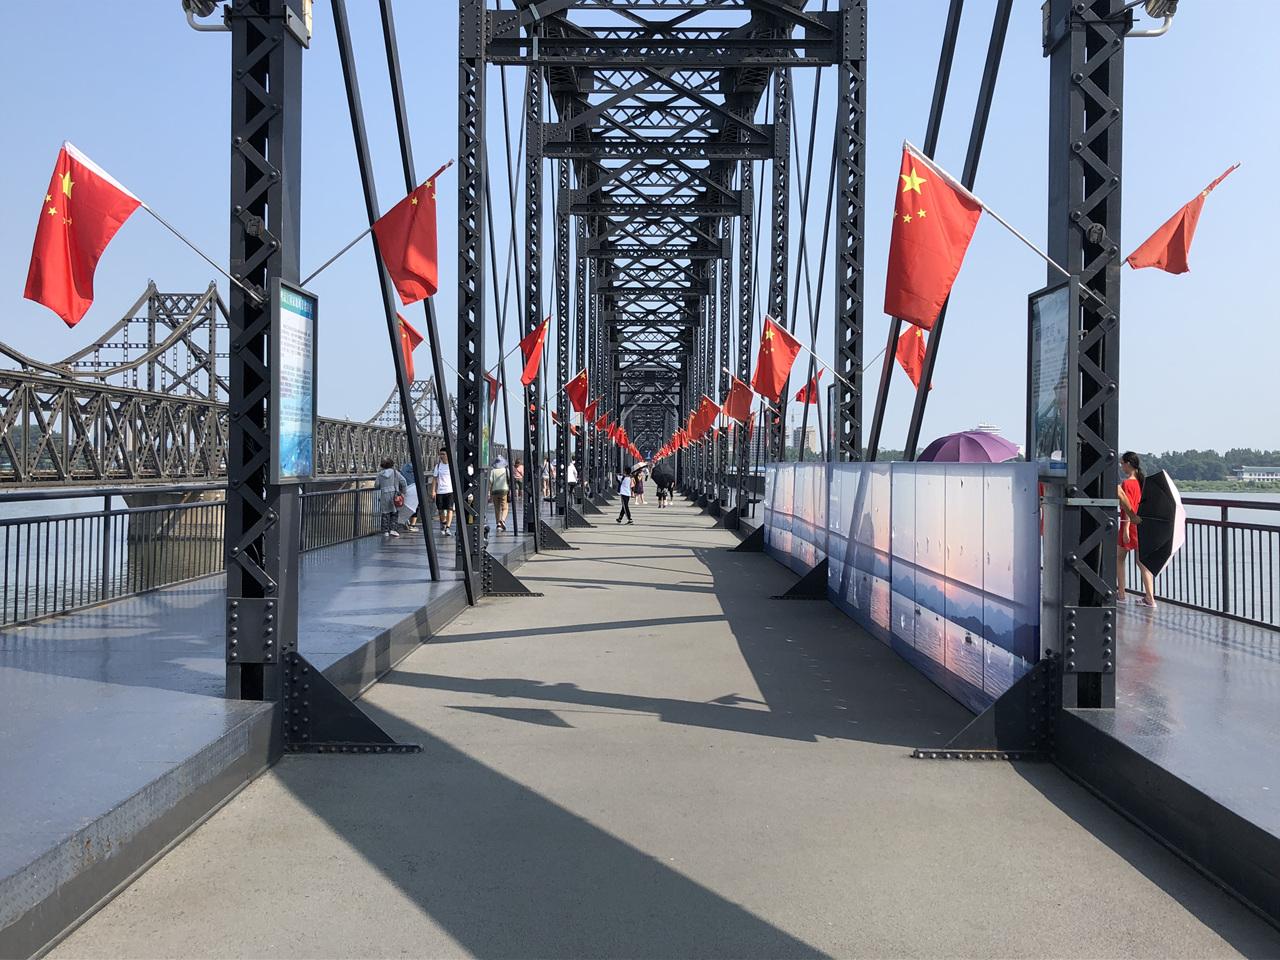 압록강 단교 중국 국기가 걸려 있는 압록강 단교